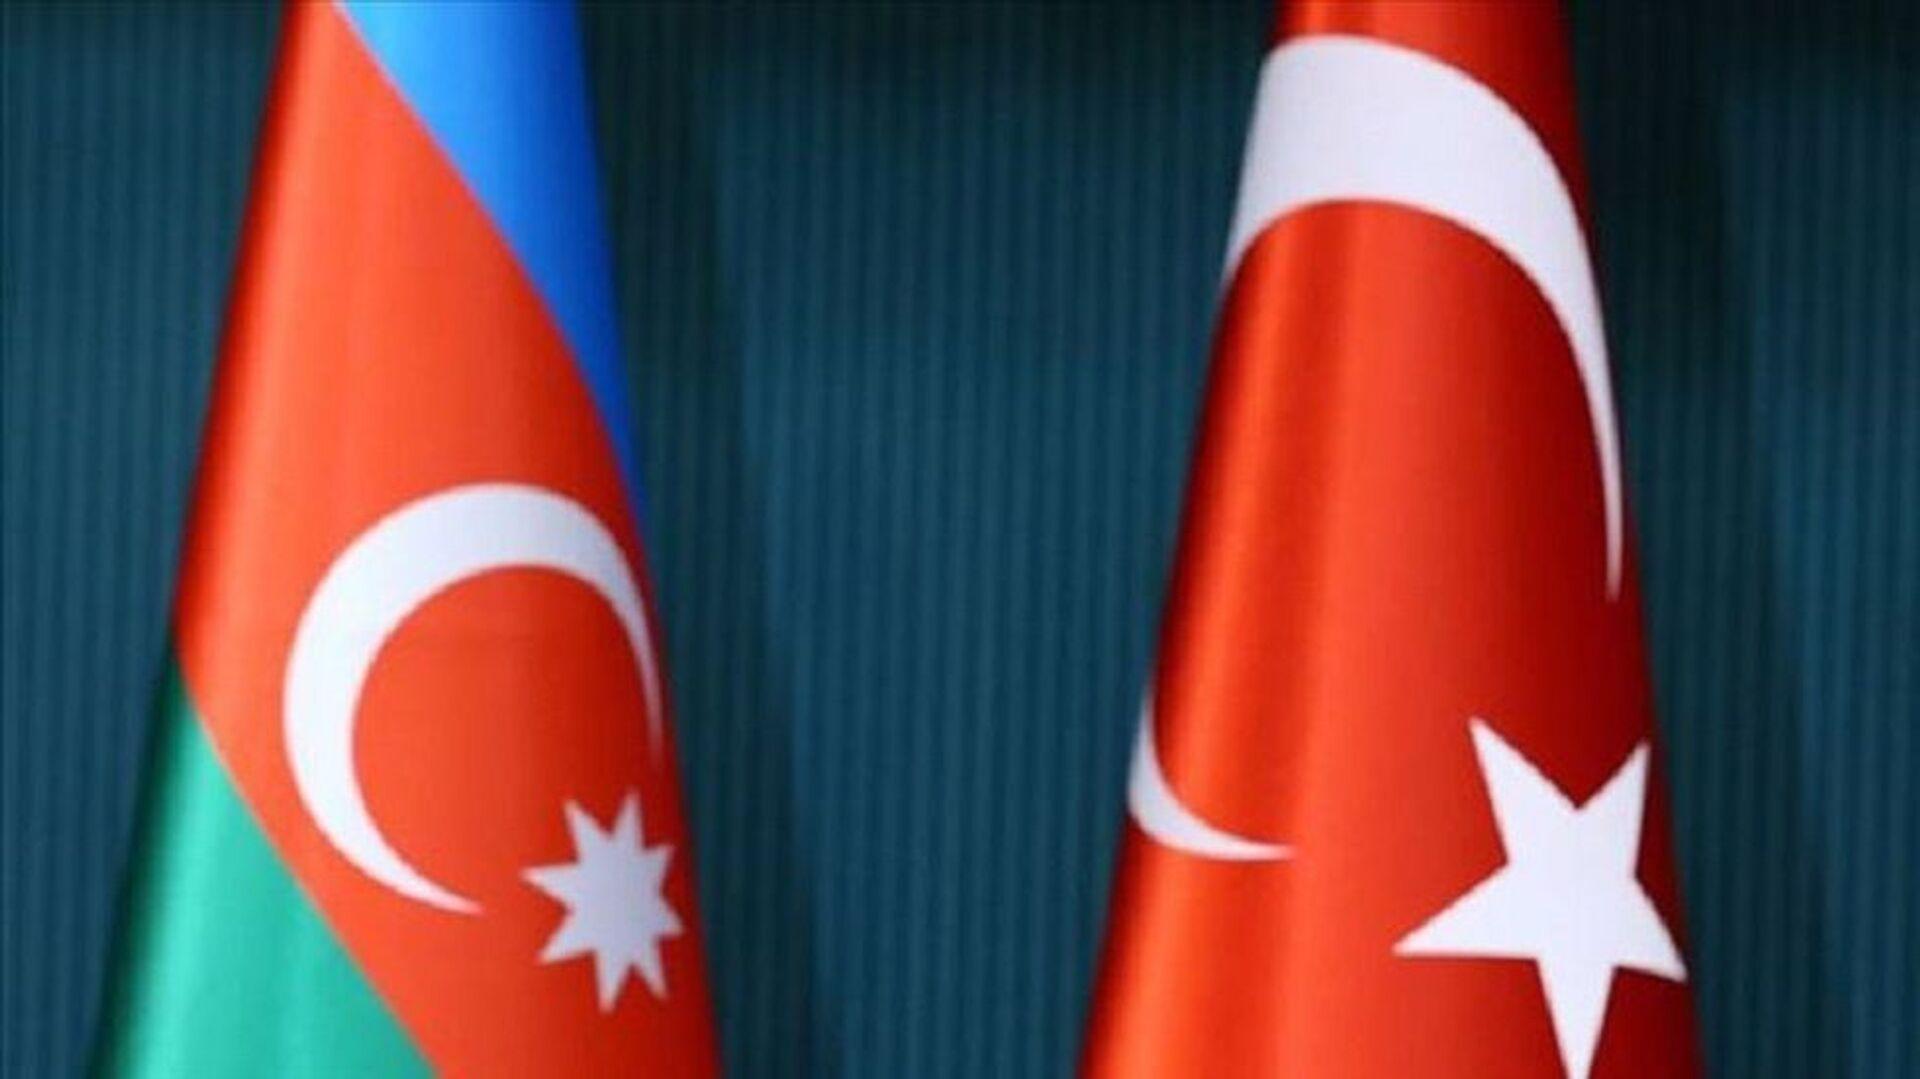 Azerbaycan, Türkiye, bayrak - Sputnik Türkiye, 1920, 22.04.2021